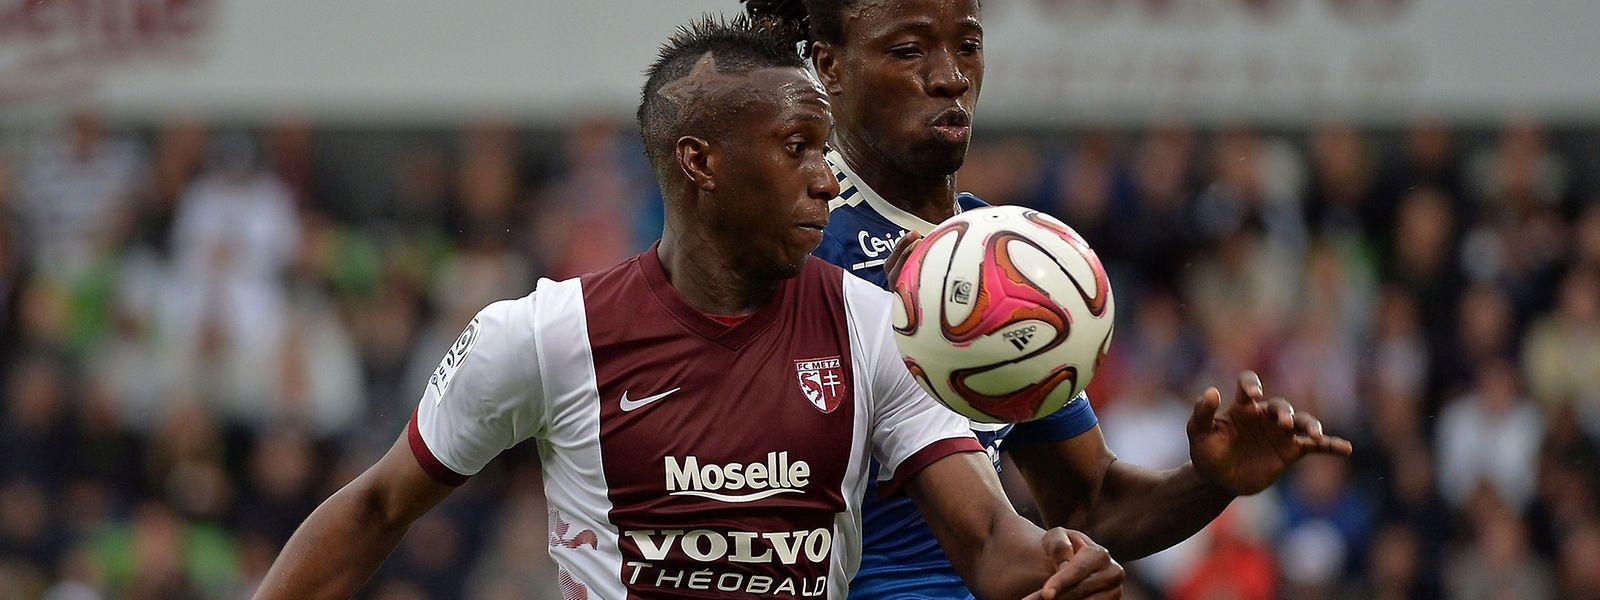 Yeni N'Gbakoto a relancé les Messins en réduisant l'écart à la 78e minute.